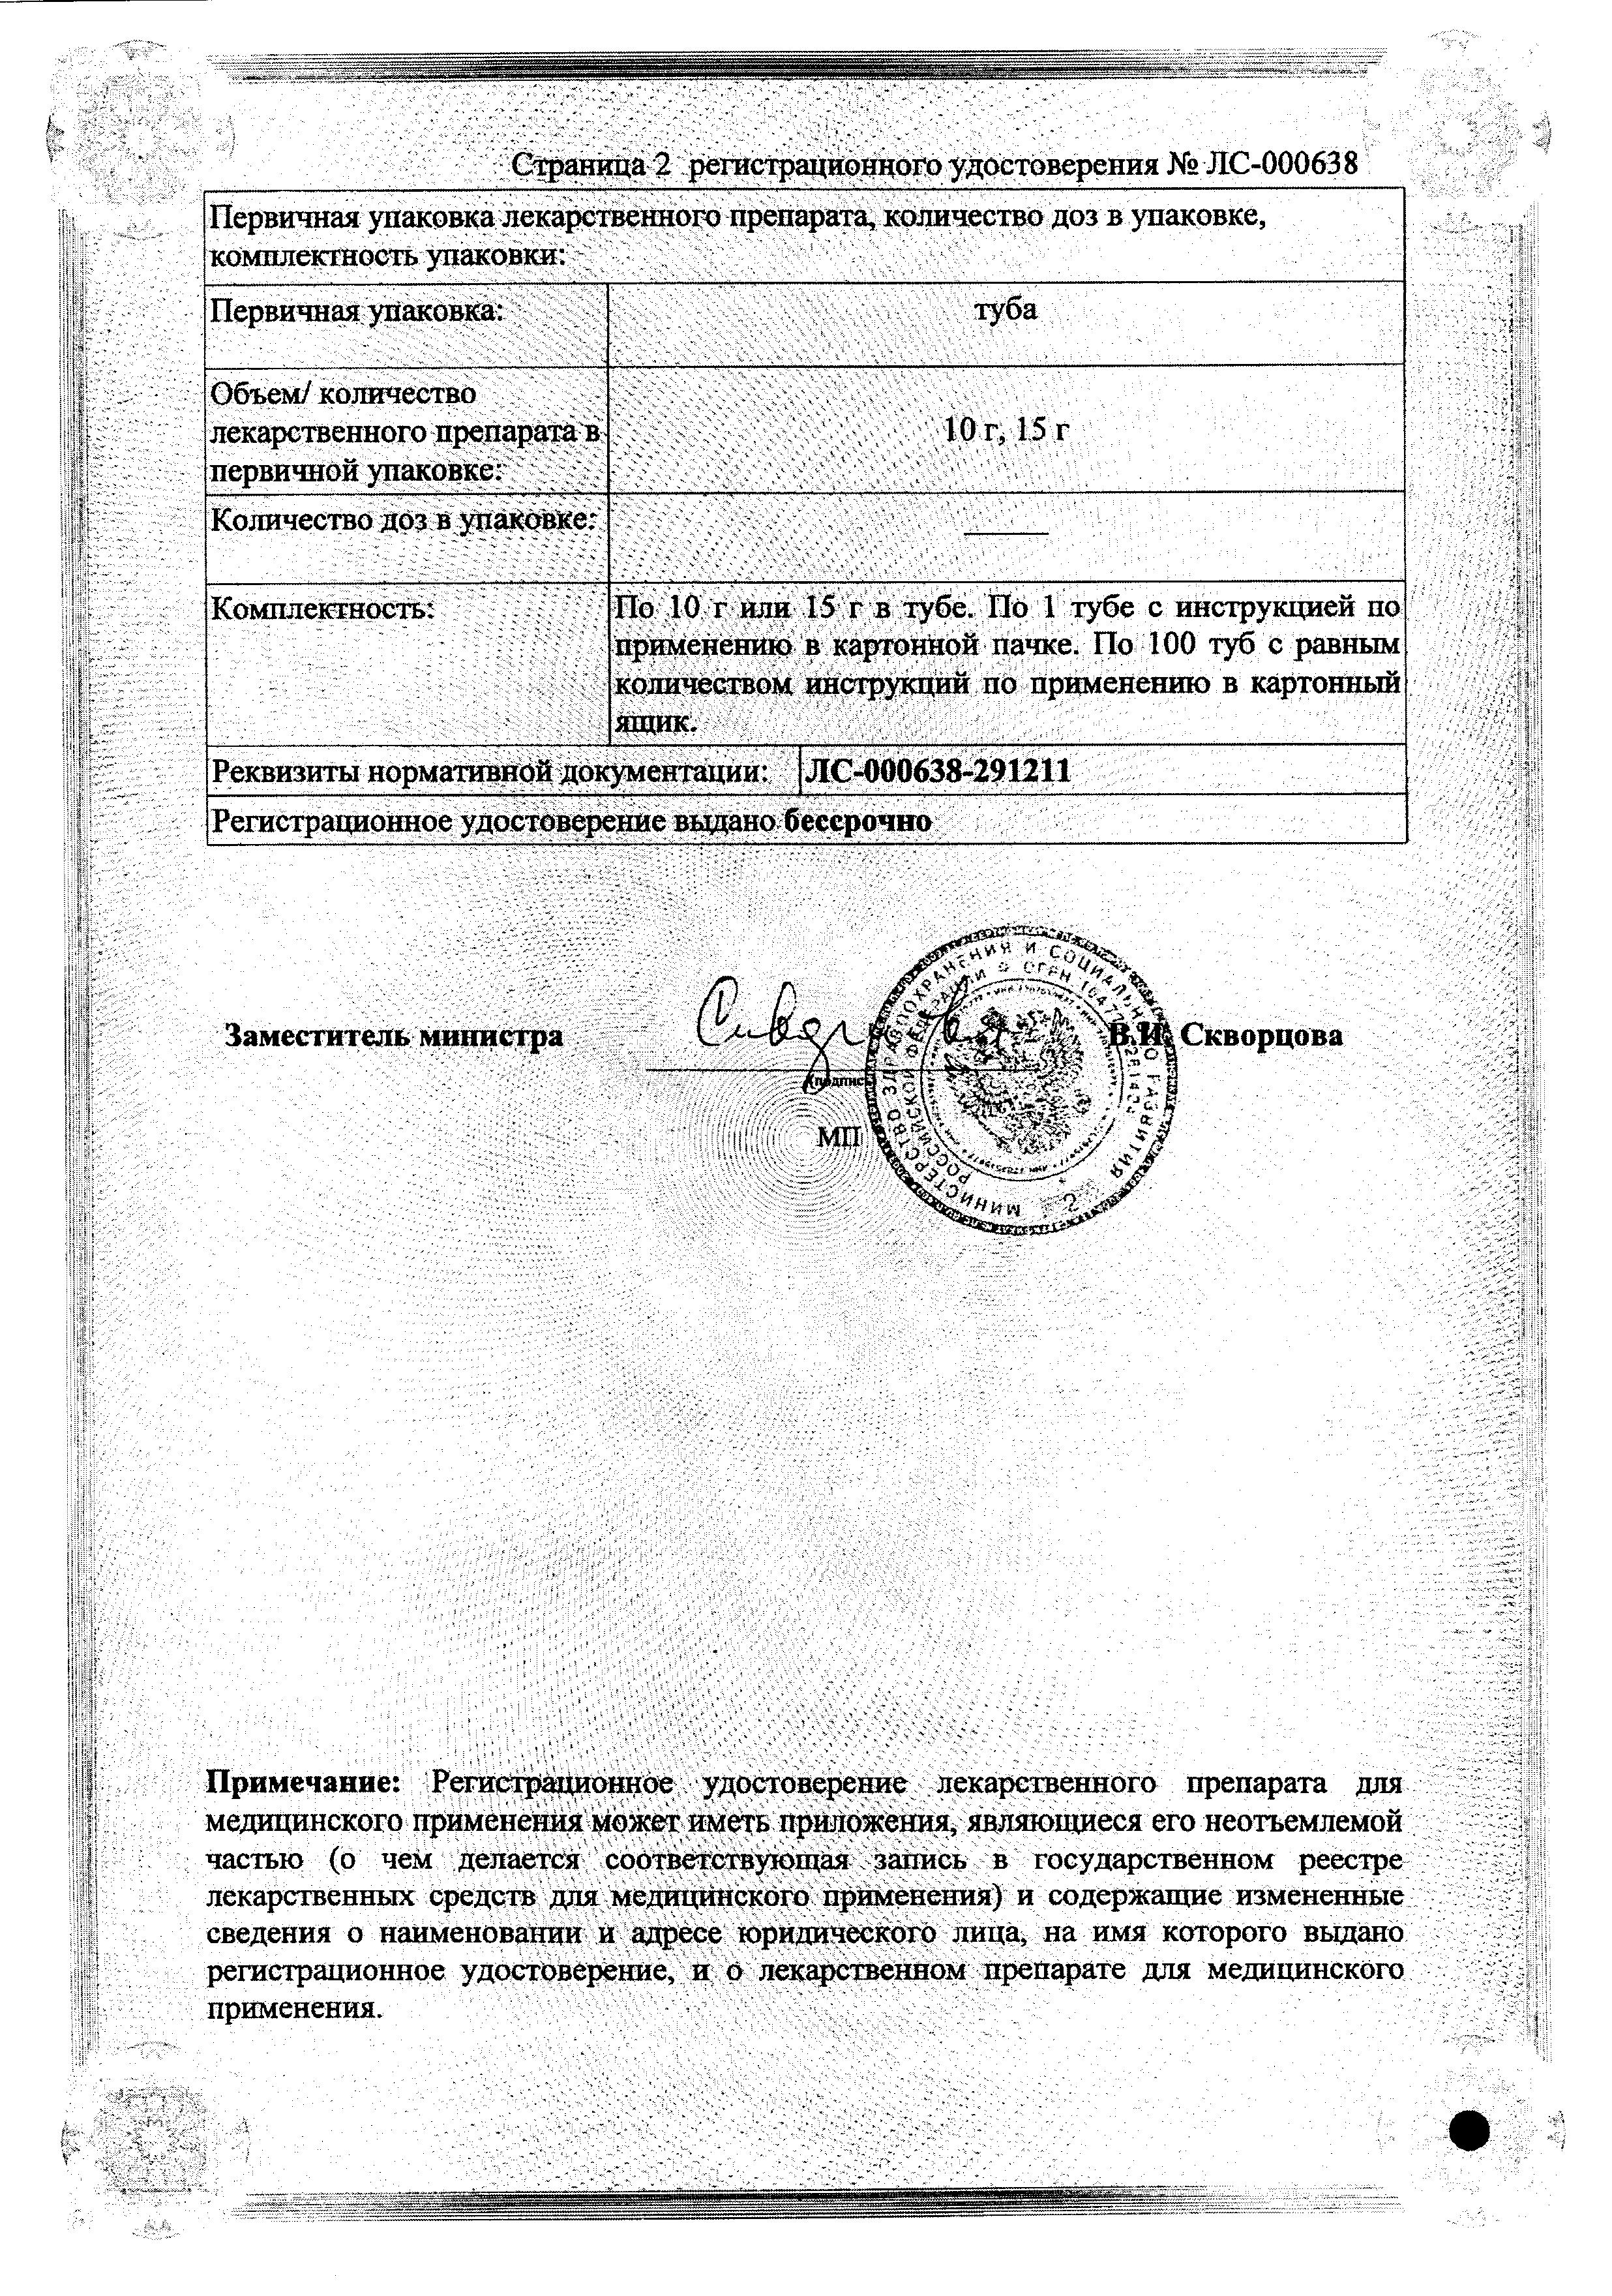 Клей БФ-6 сертификат